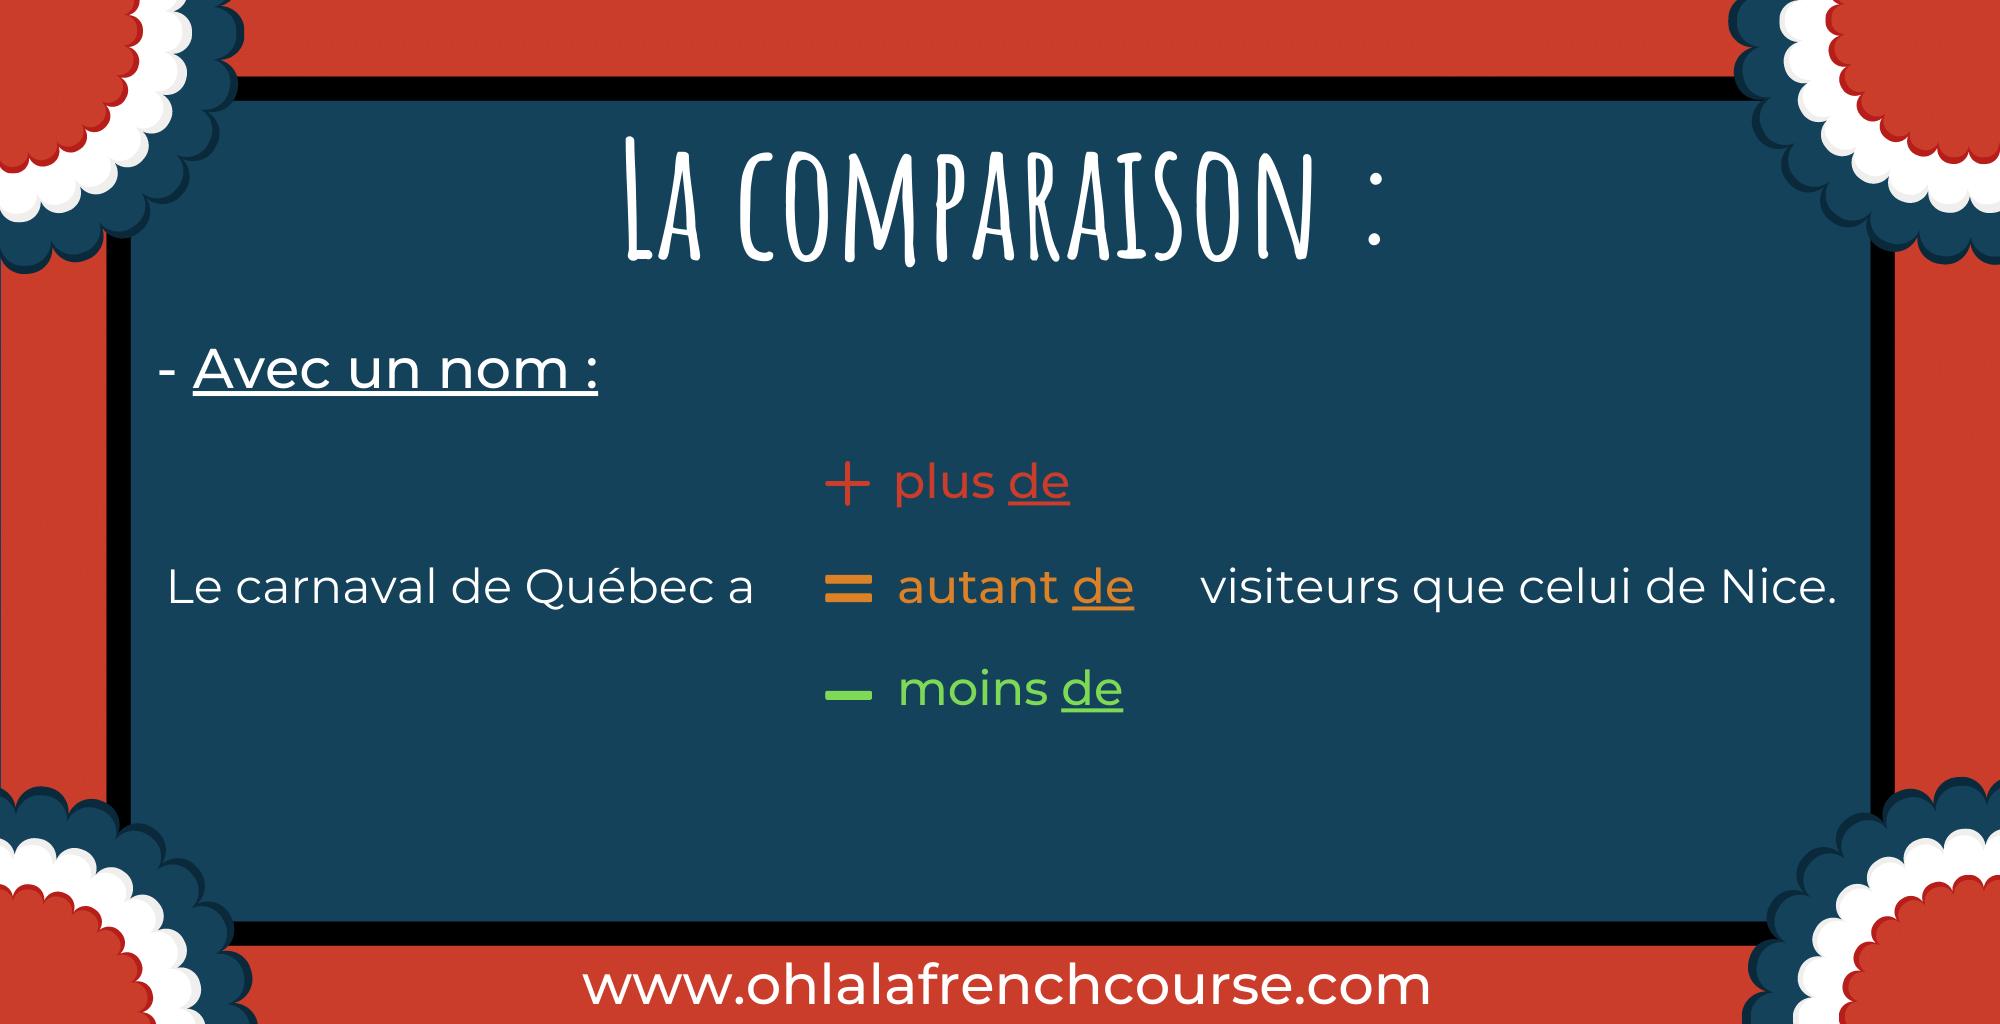 Le comparatif - La comparaison avec un nom